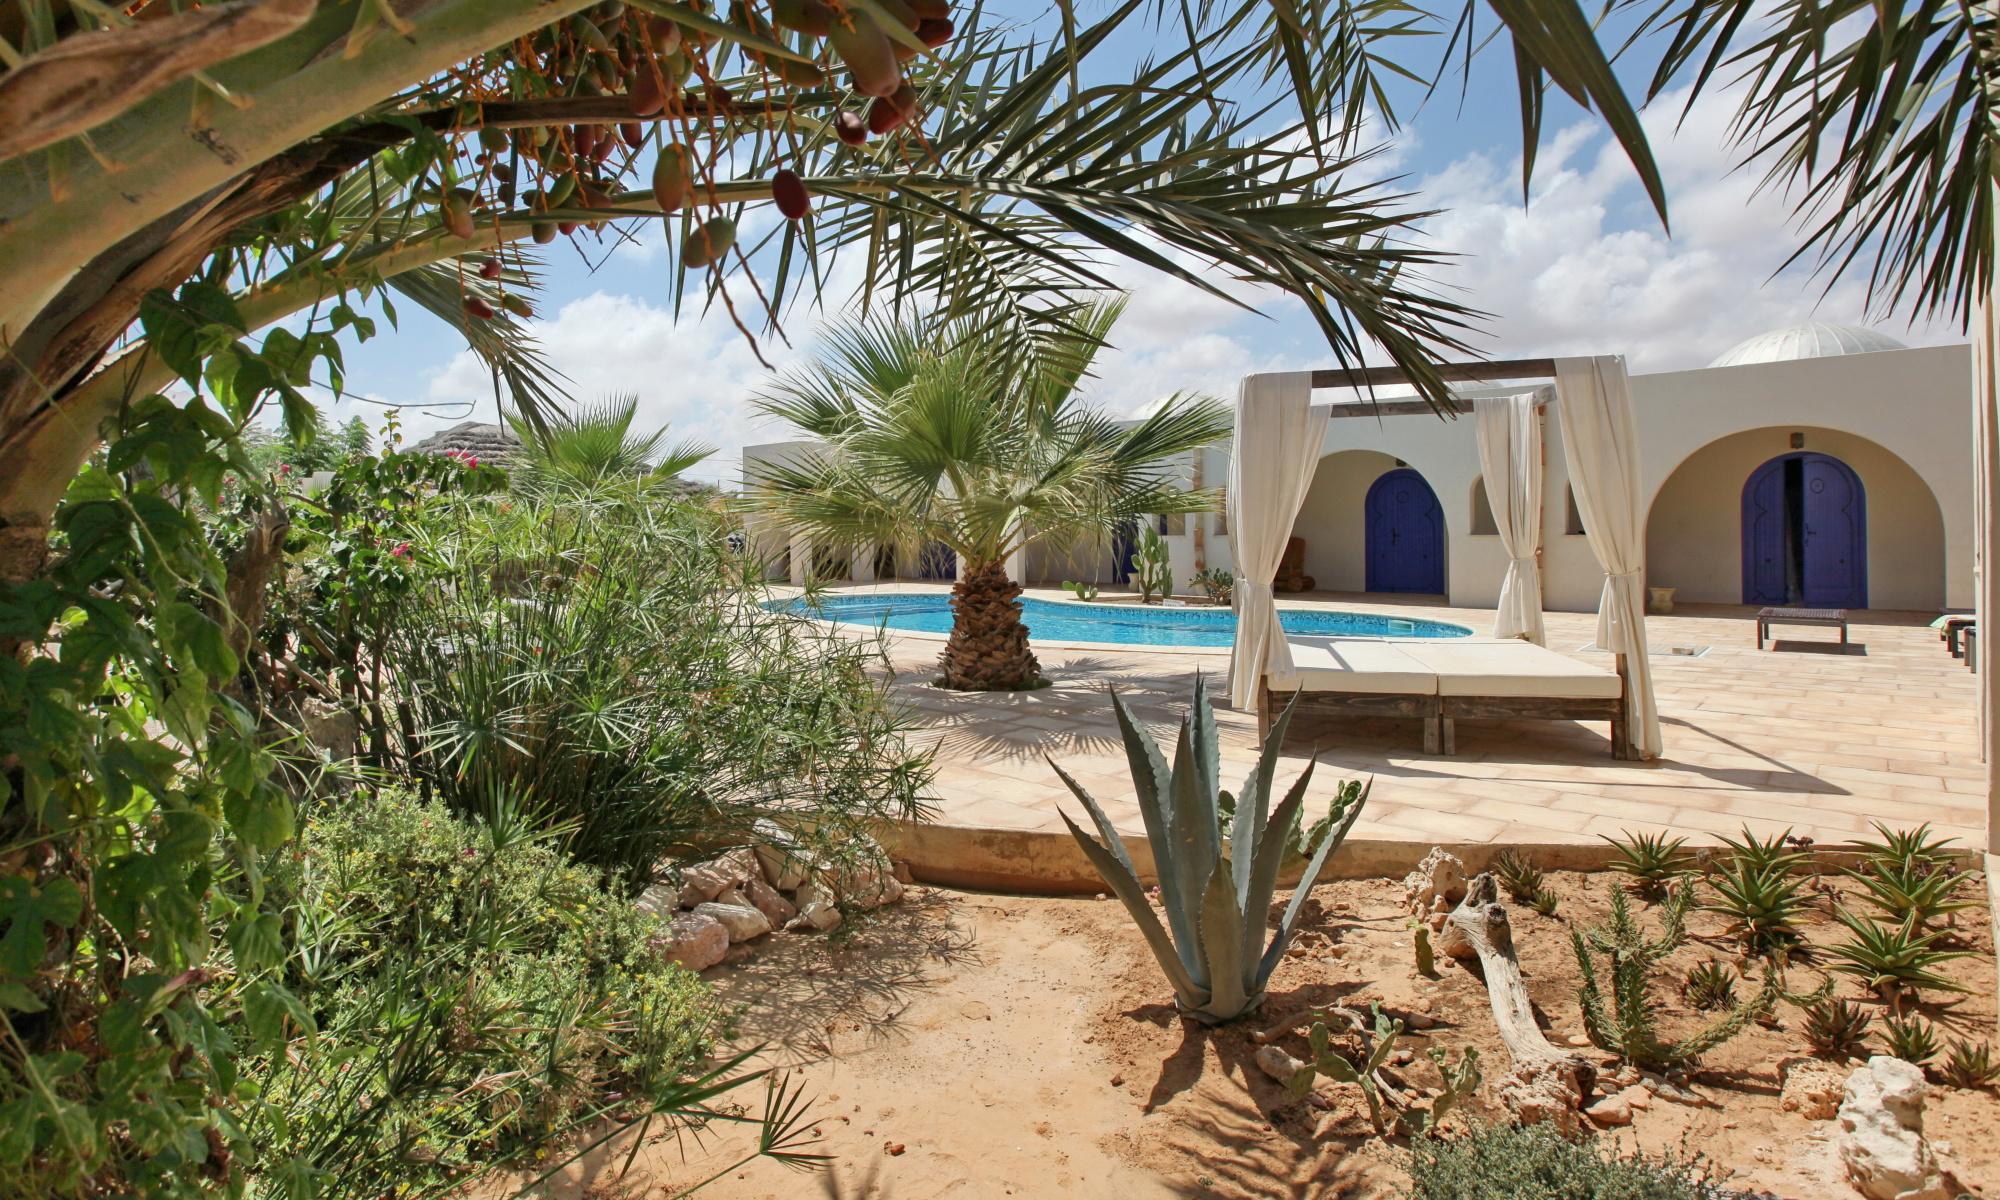 séjourner à Dar Nesma : Le jardin et la piscine.